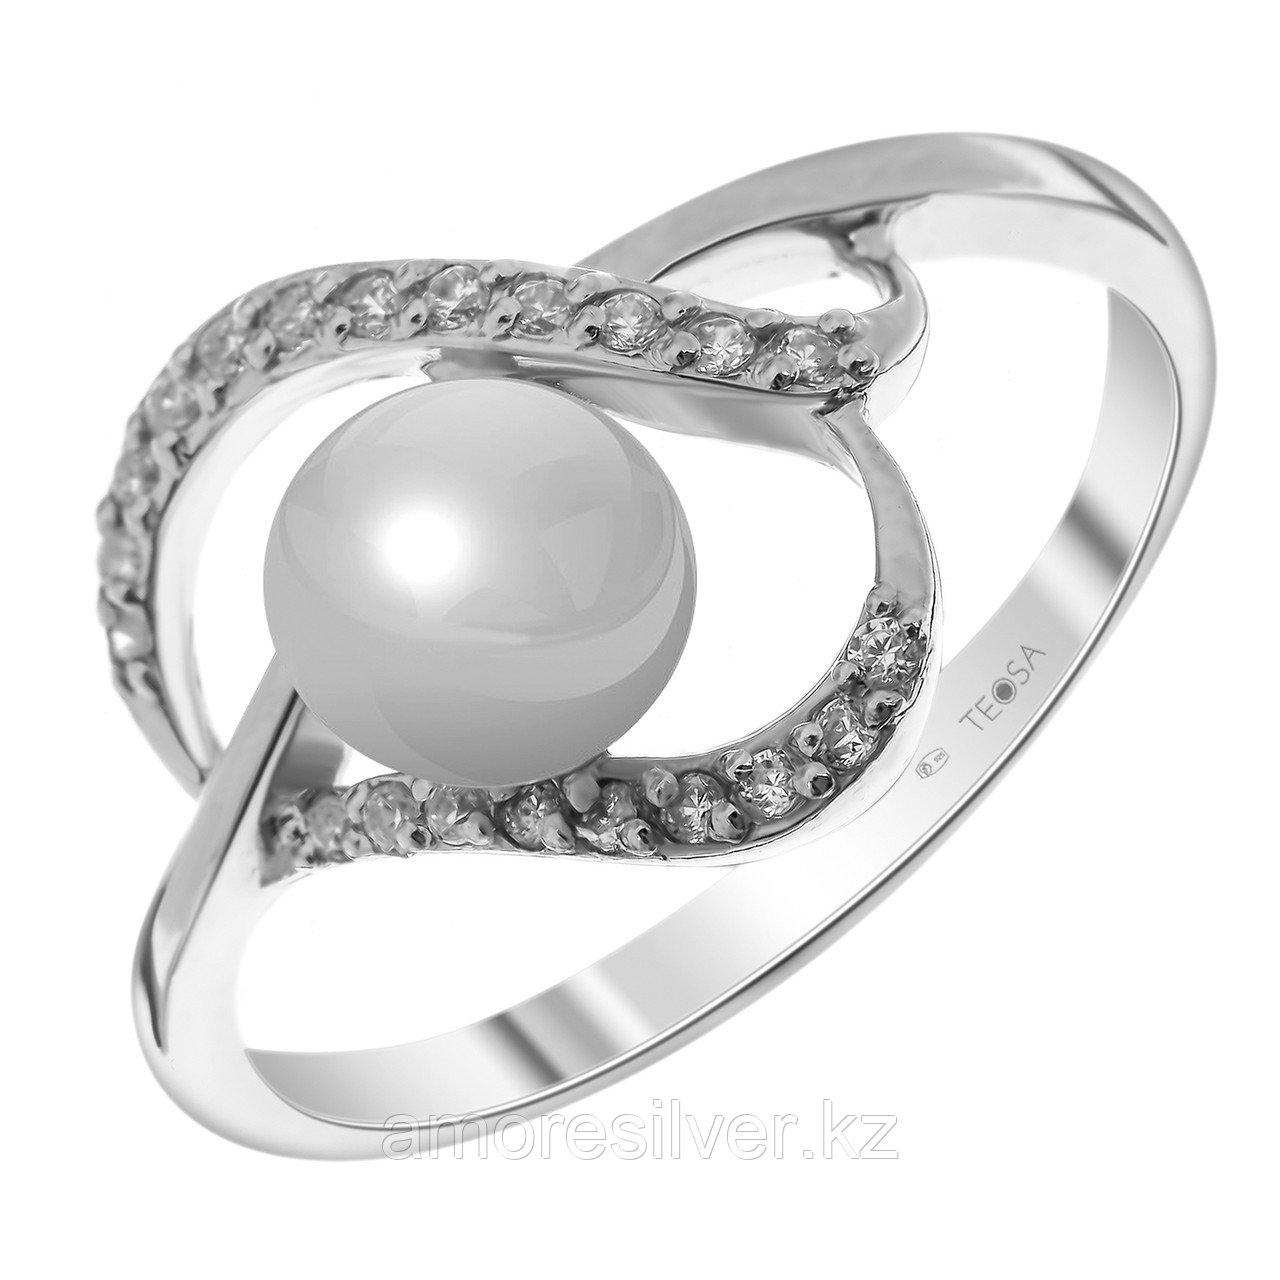 Серебряное кольцо с жемчугом и фианитом TEOSA 190-5-505 размеры - 17